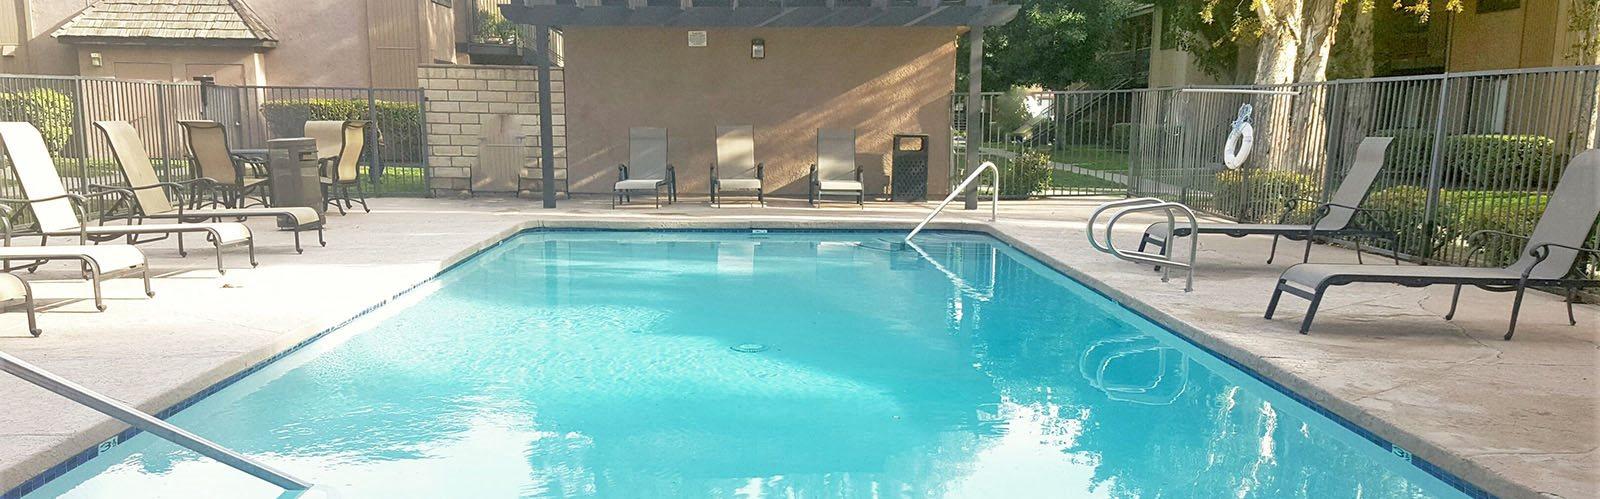 Shimmering Swimming Pool & Spa at Riverwalk Landing, Riverside, CA, 92505